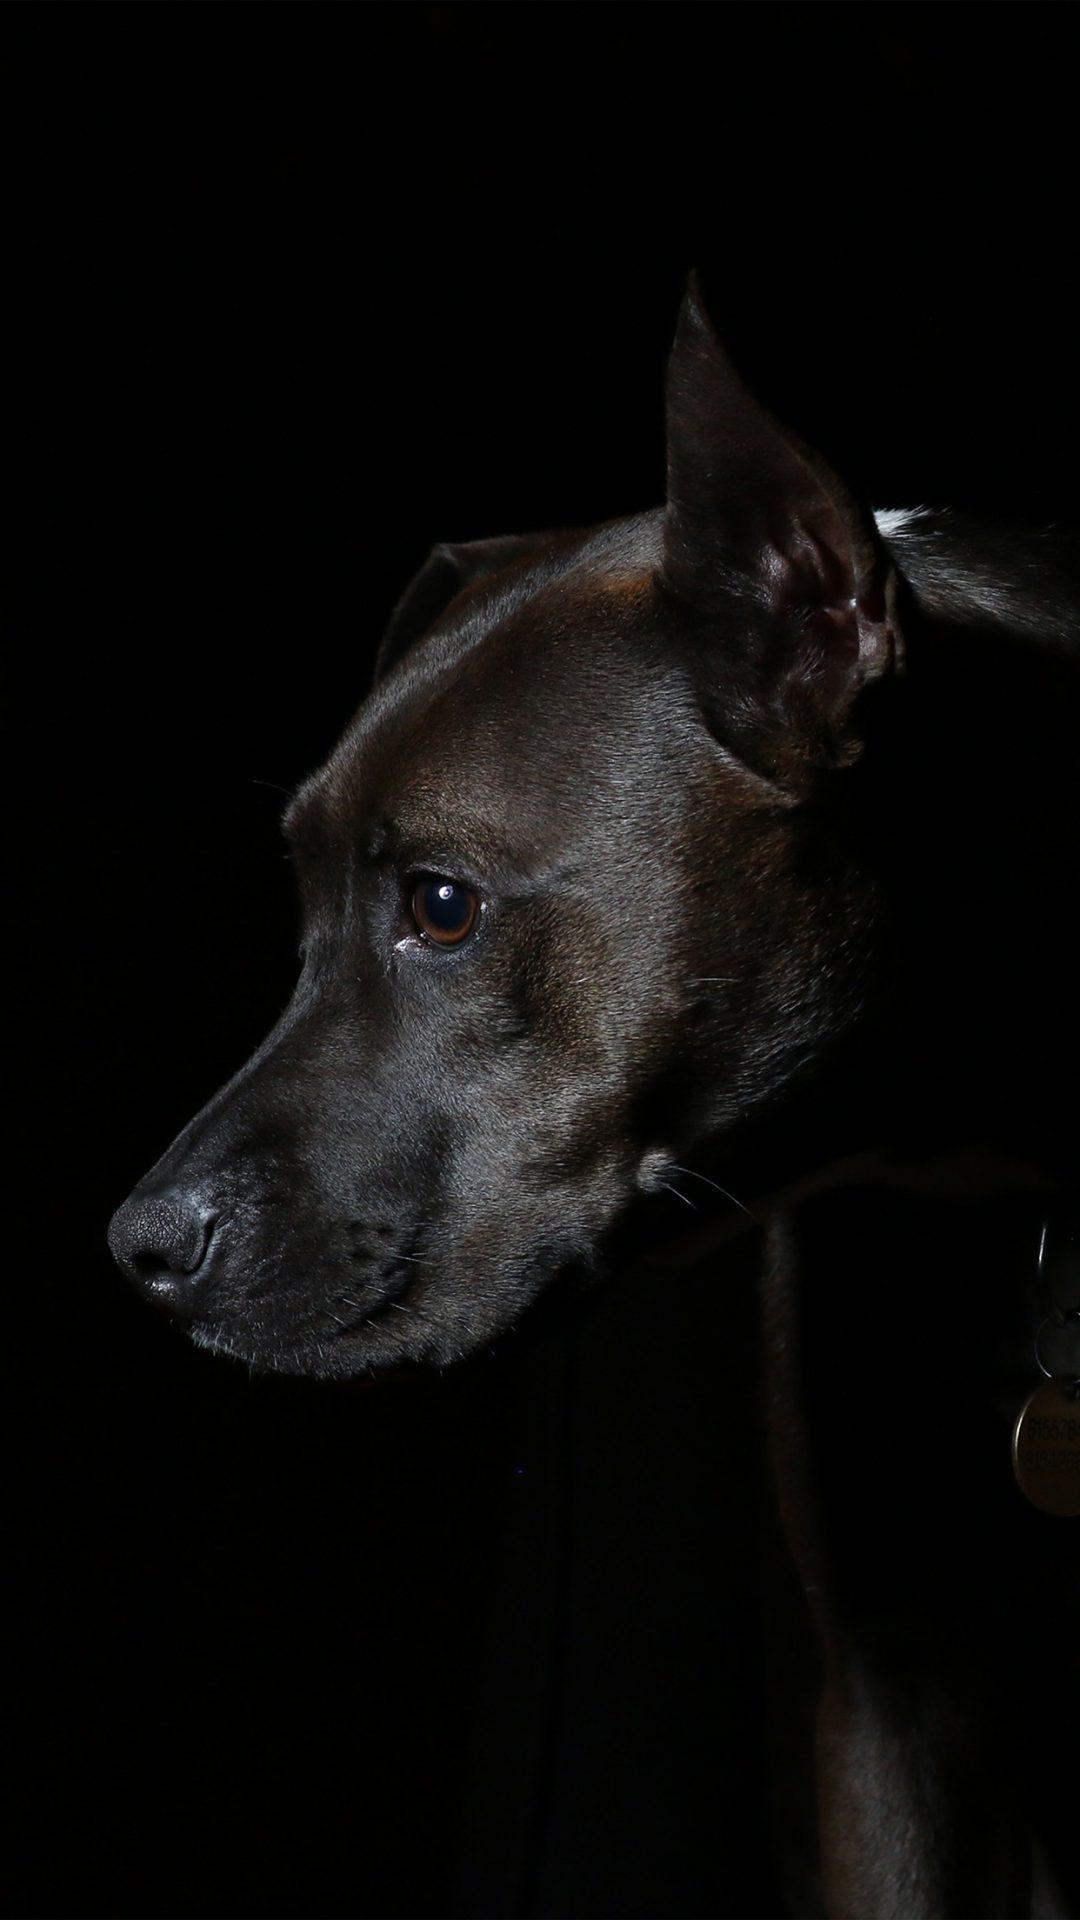 Dog Dark Animal